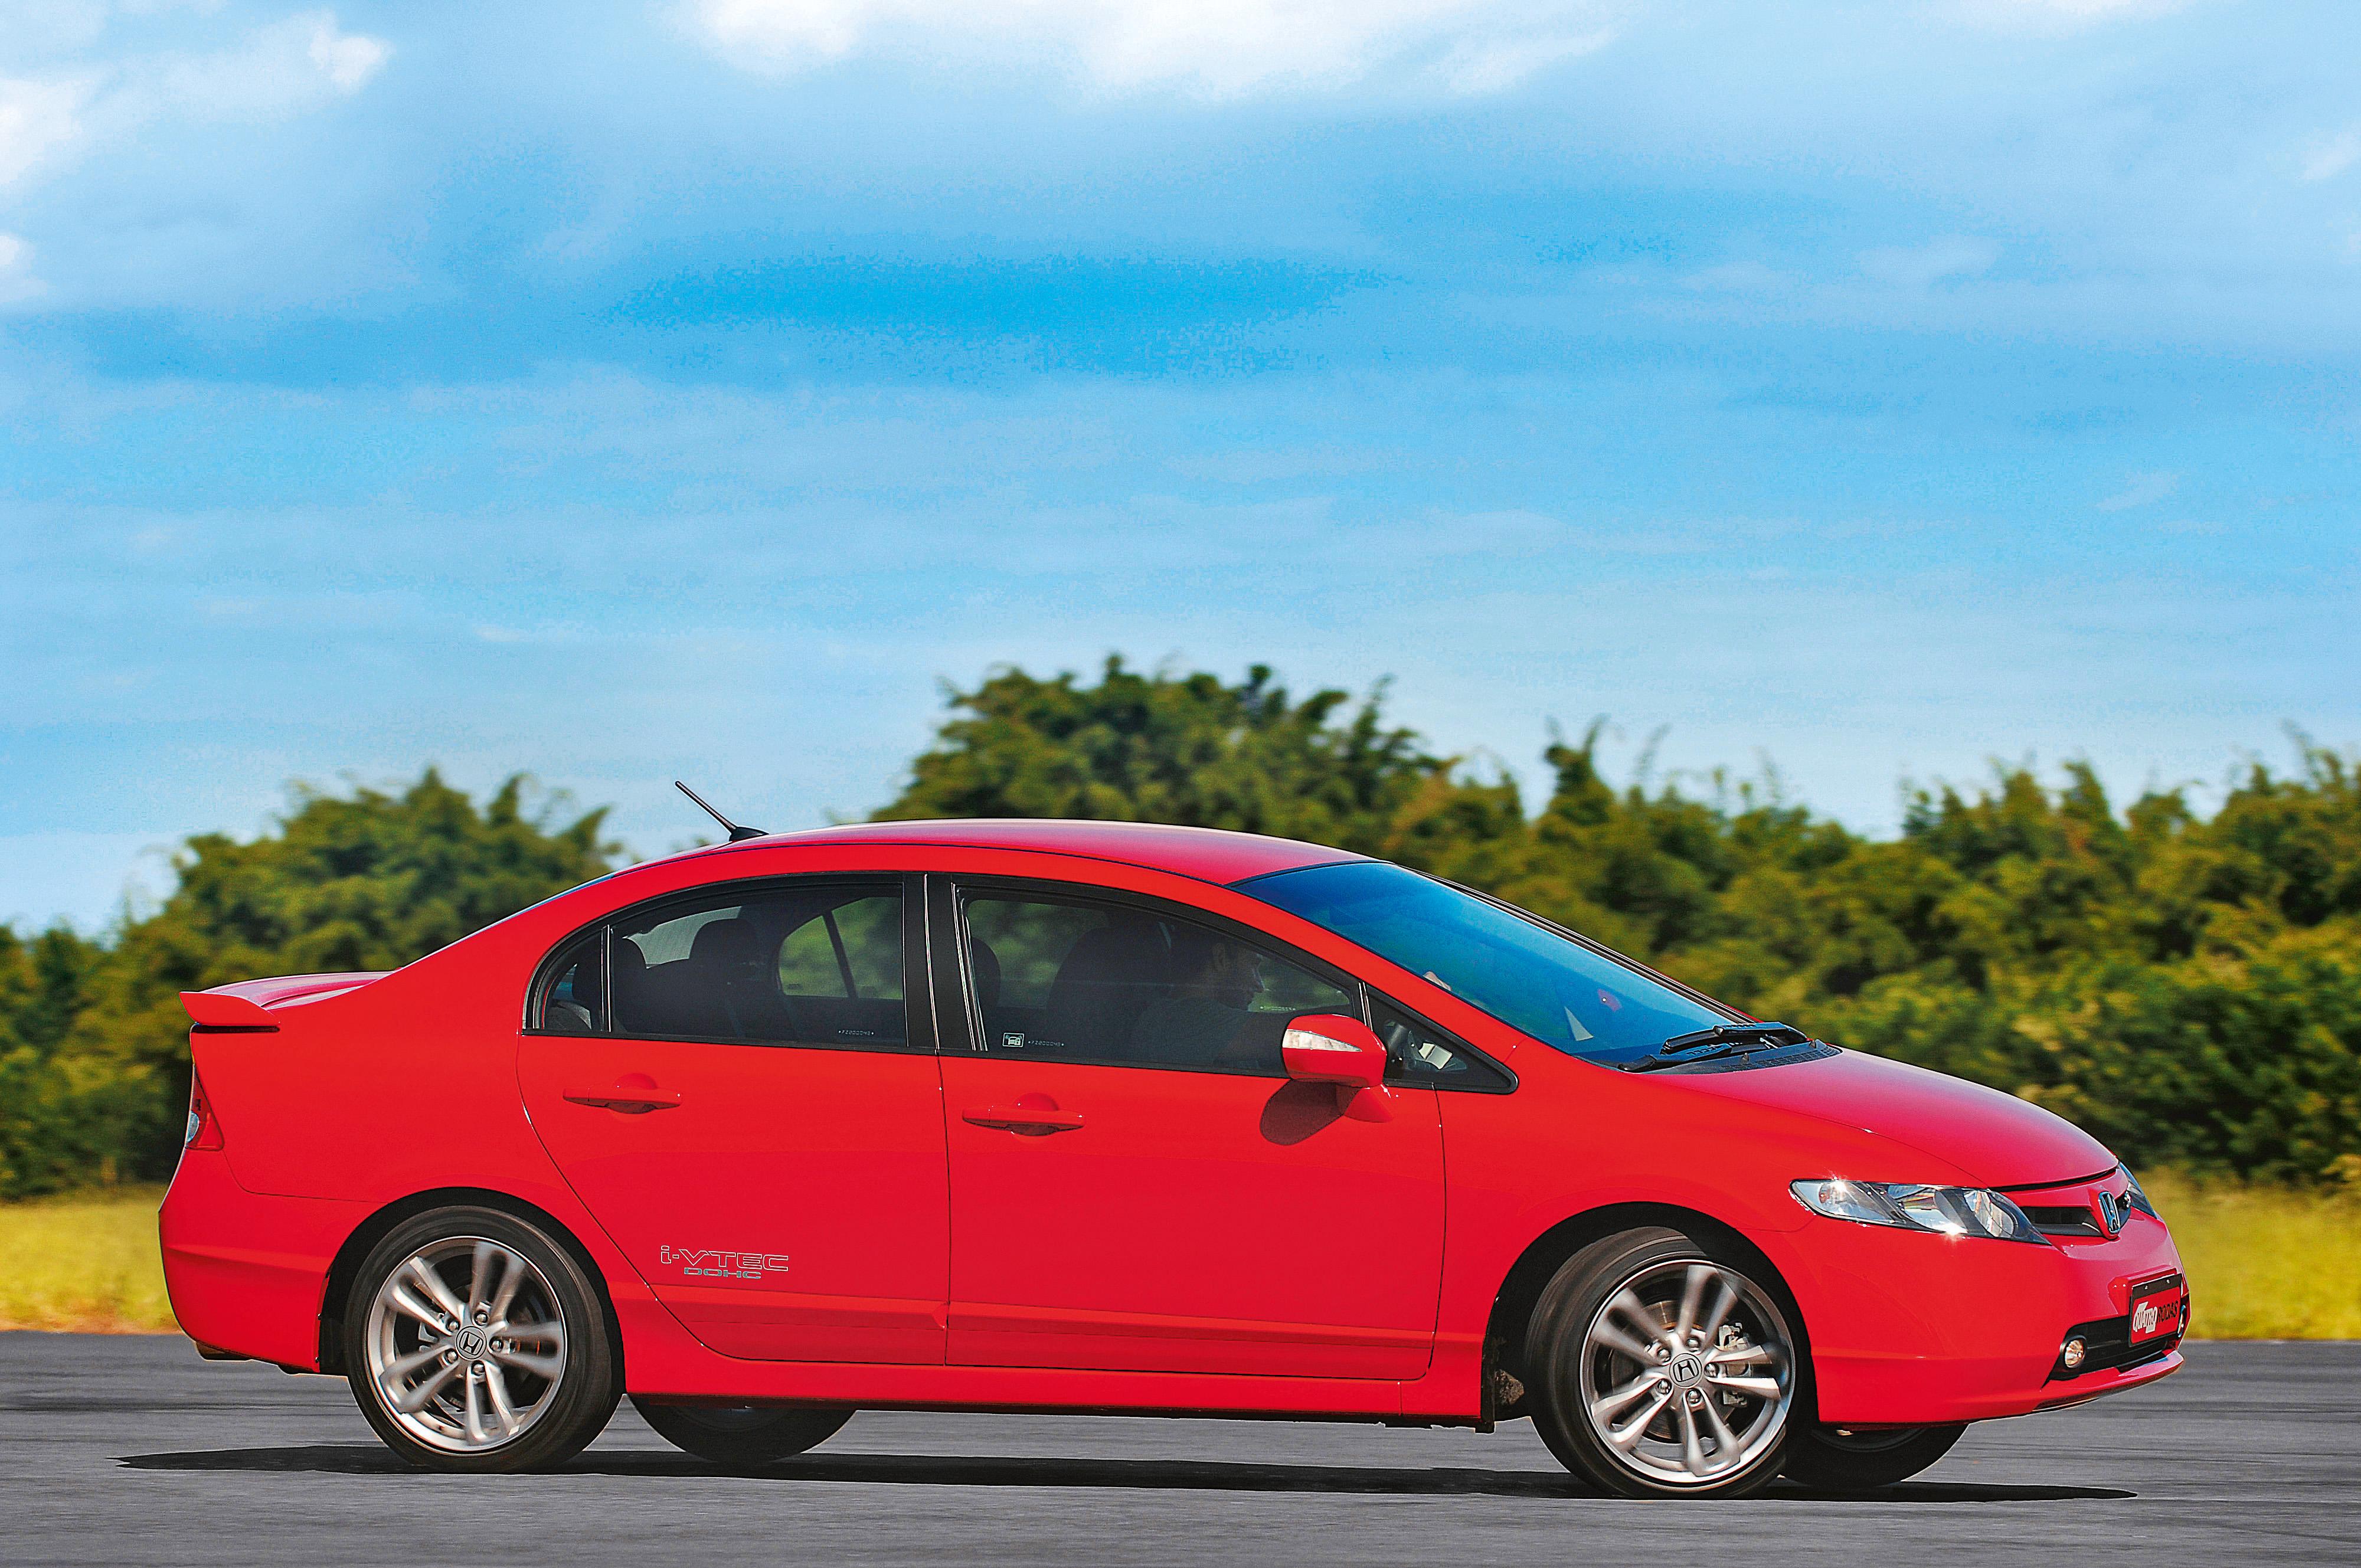 Guia De Usados Honda Civic Si Tem Receita Perfeita Para Fas De Esportivos Quatro Rodas